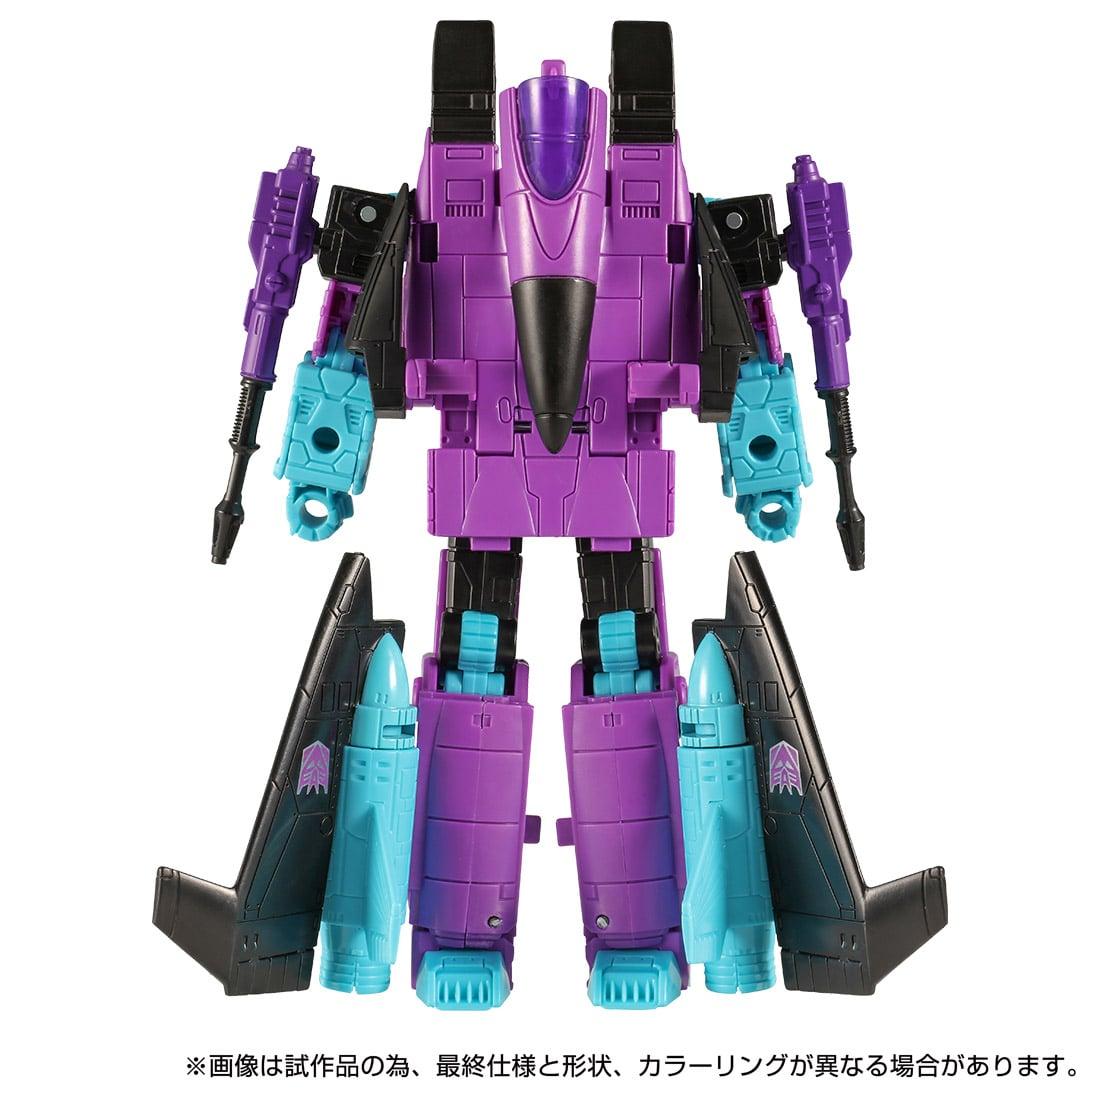 【限定販売】トランスフォーマー GENERATION SELECTS『ラムジェット』可変可動フィギュア-006